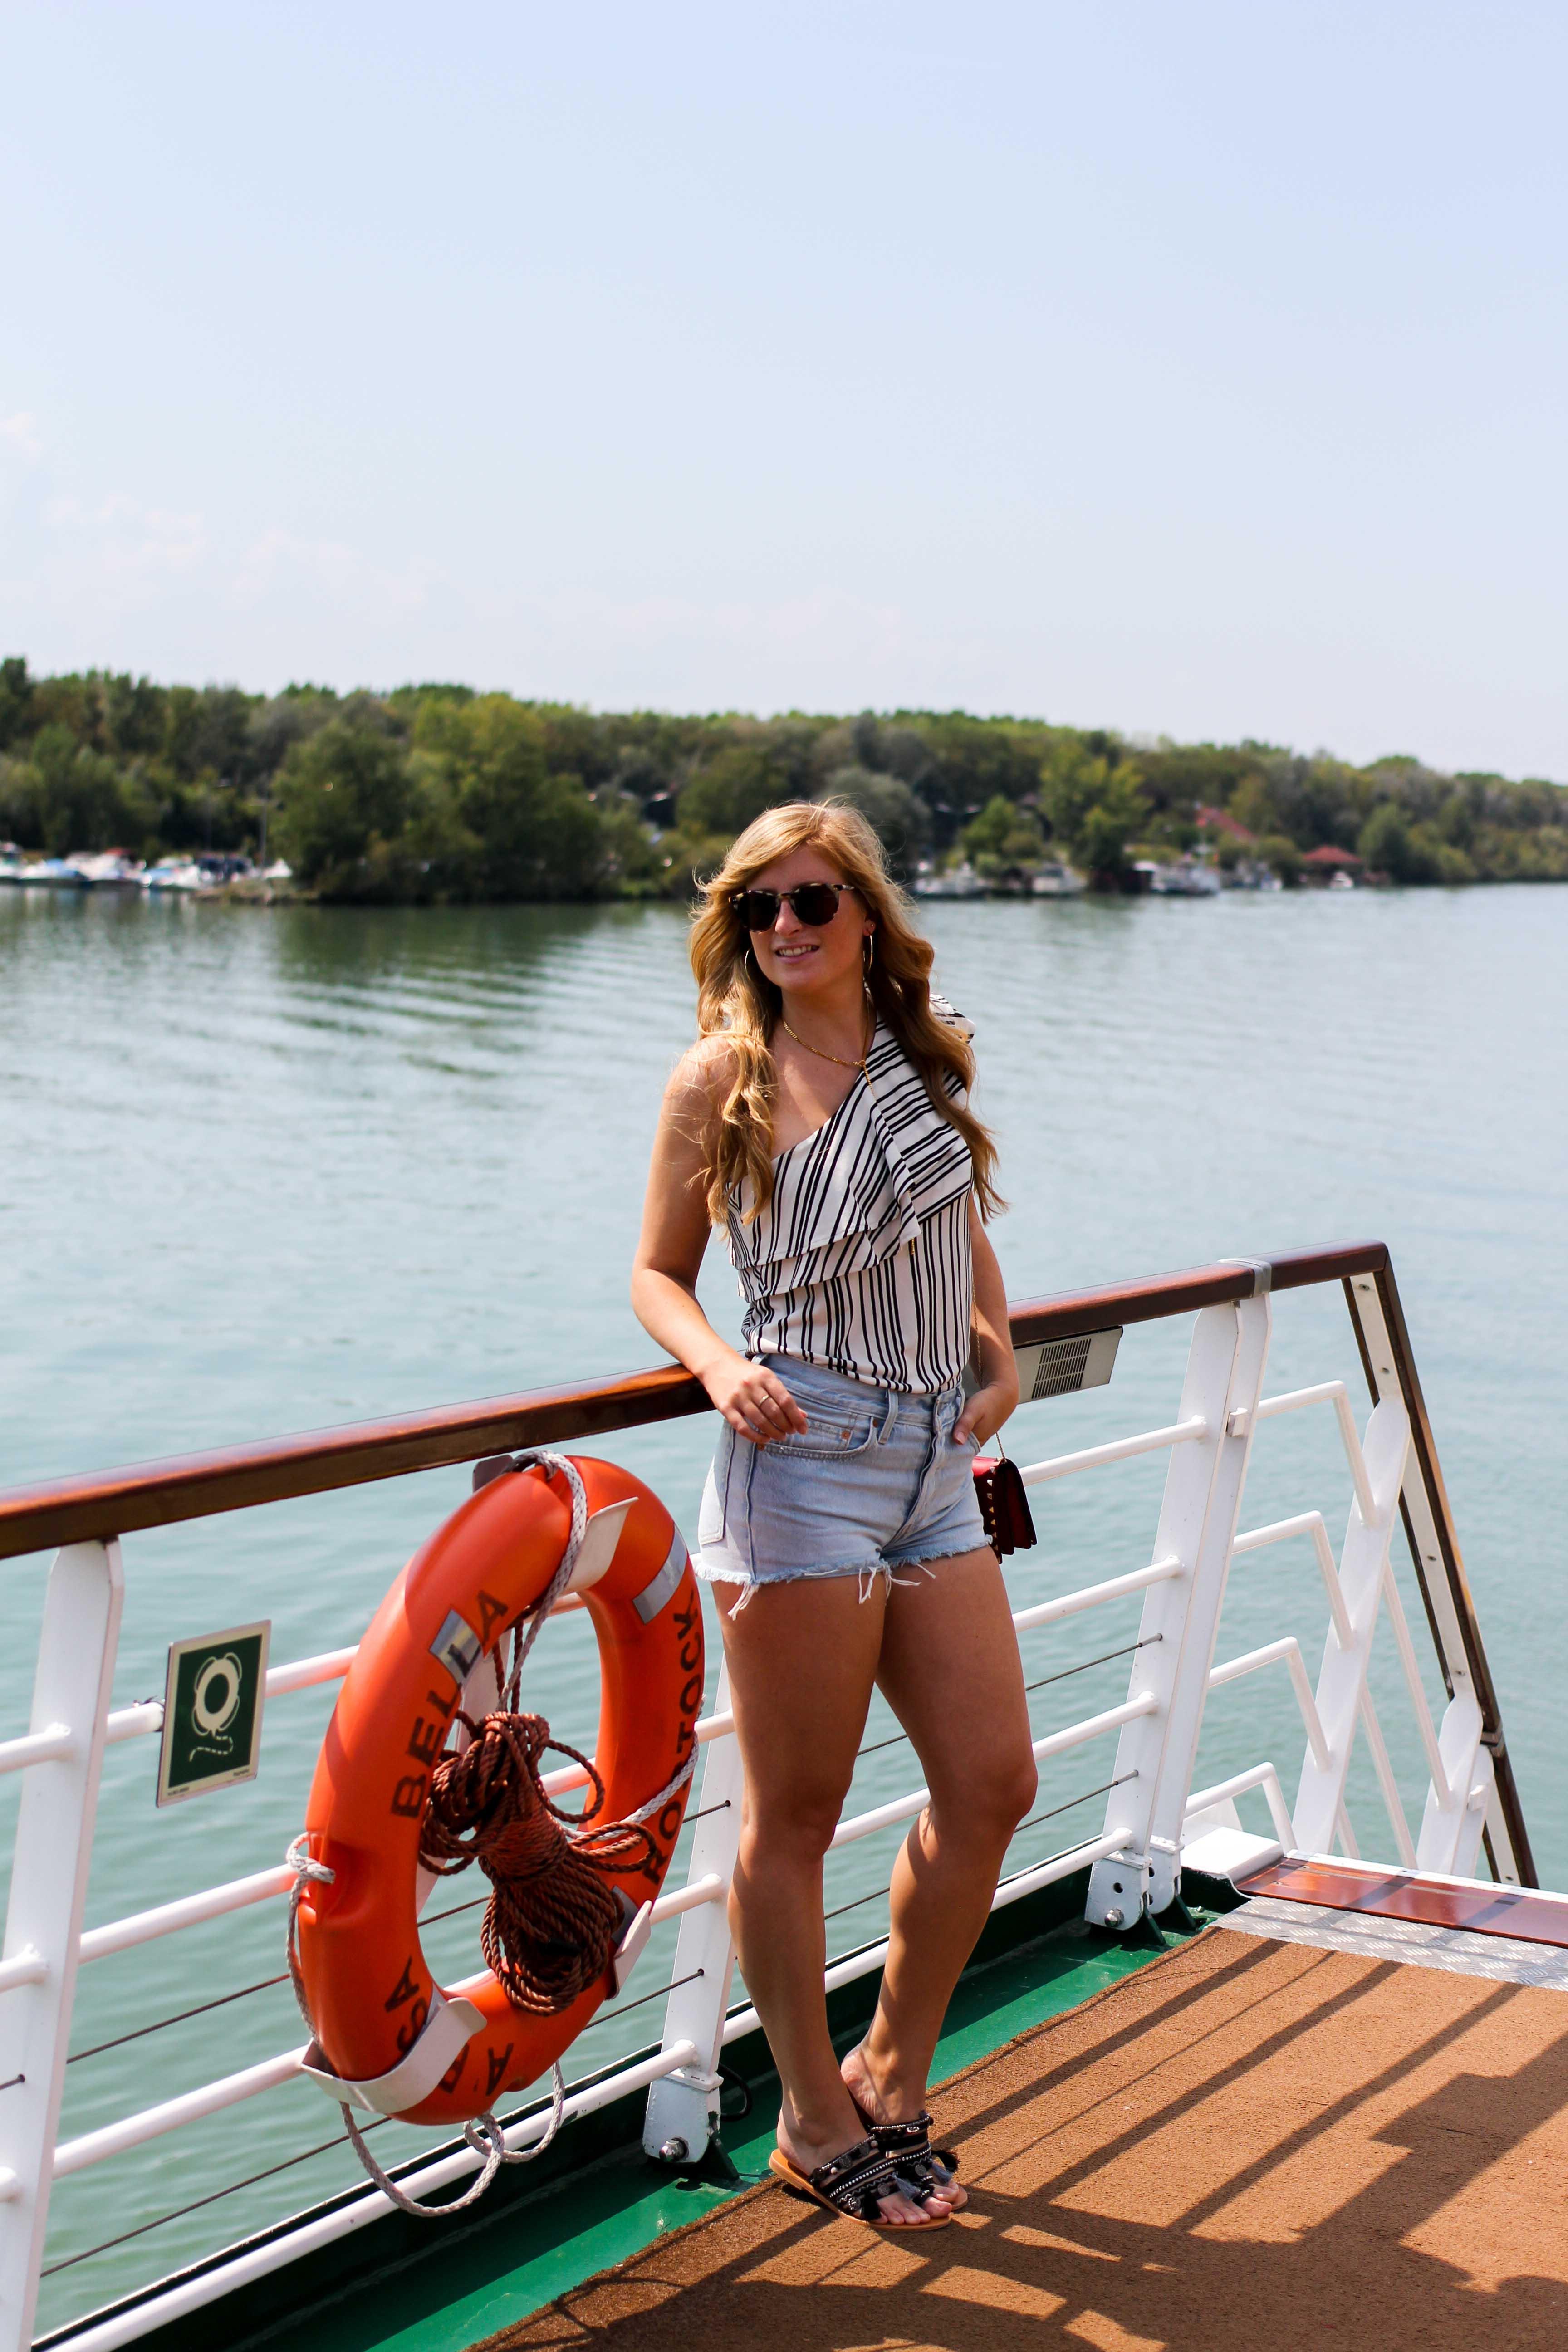 Donaukreuzfahrt A-Rosa Bella Flusskreuzfahrt Flusskreuzfahrtschiff Donau Engelhartszell Arosa Brinisfashionbook Reiseblogger